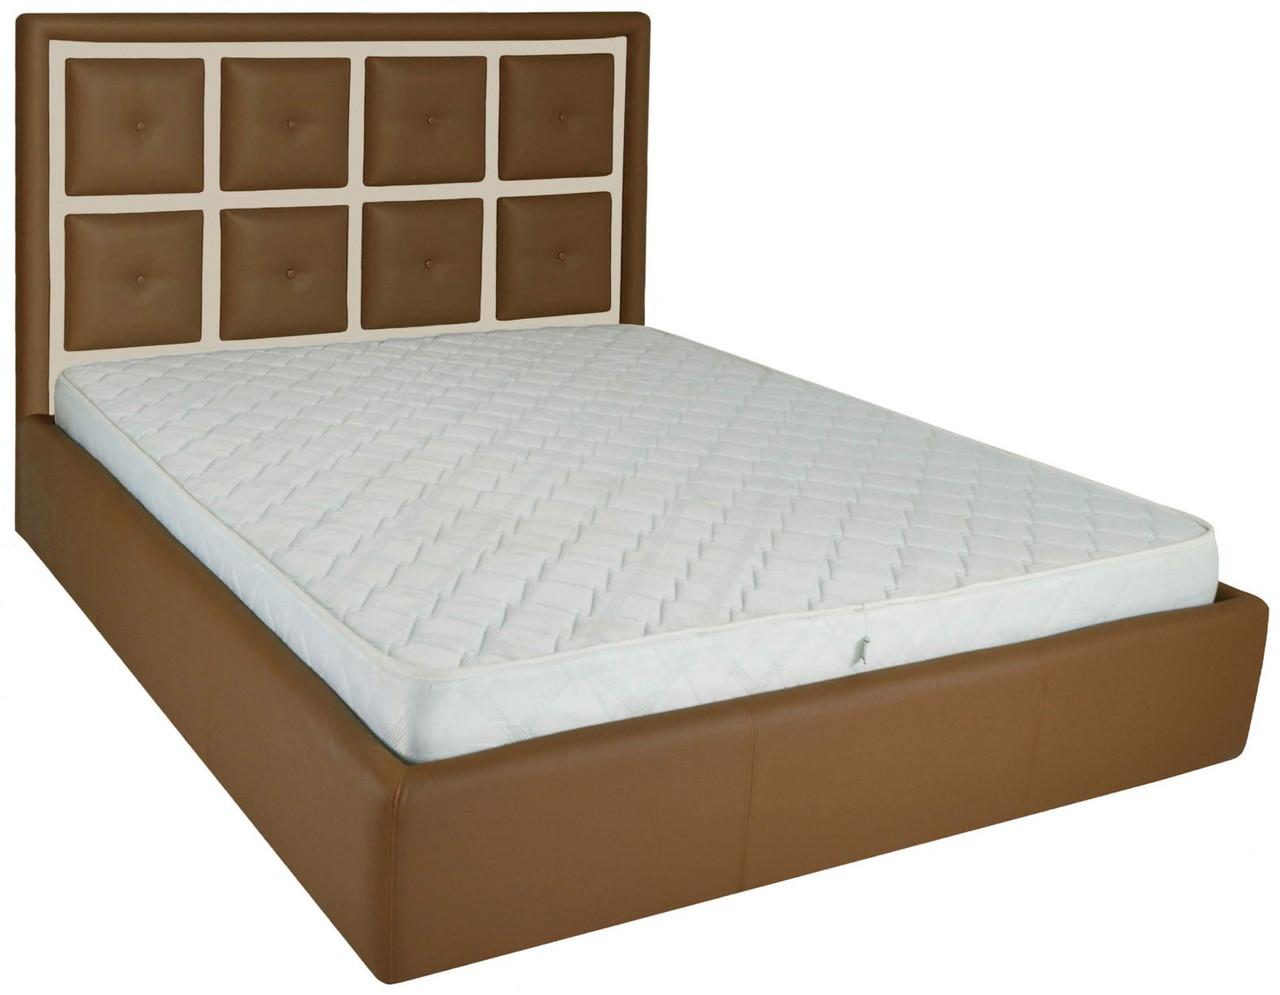 Кровать Windsor Standart 140 х 190 см Fly 2213/2207 Коричневая+Бежевая